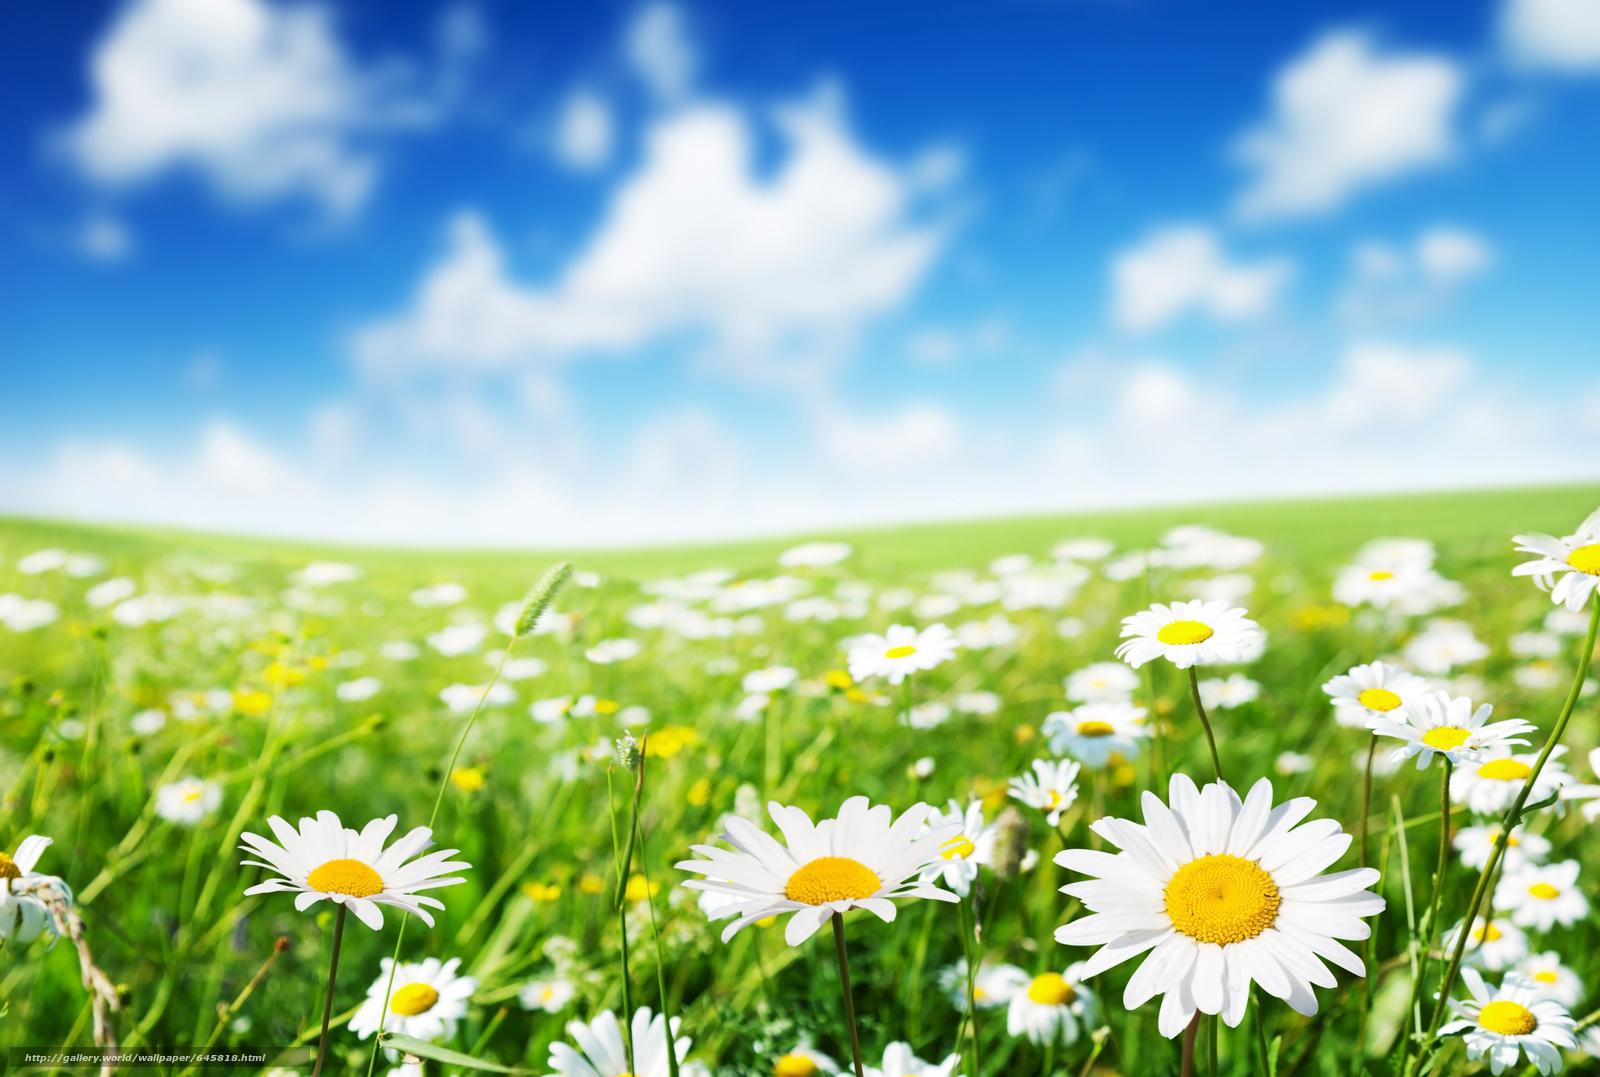 Скачать обои поле,  цветы,  ромашки,  макро бесплатно для рабочего стола в разрешении 5616x3779 — картинка №645818